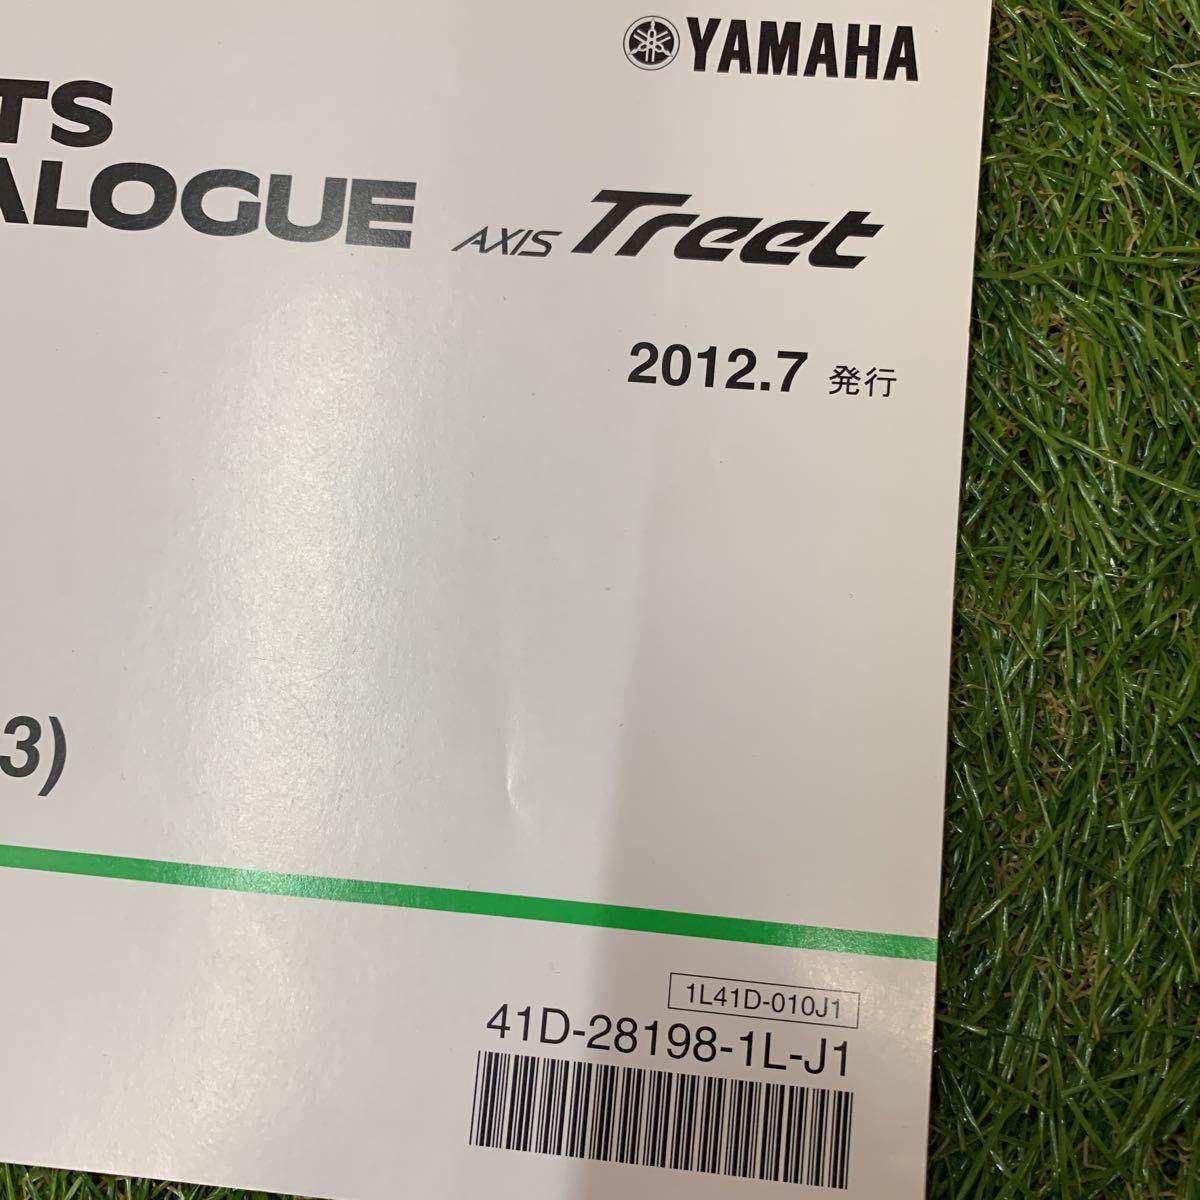 ■パーツカタログ ヤマハ YAMAHA 2012.7発行  アクシス トリート XC125E 41D3■_画像2